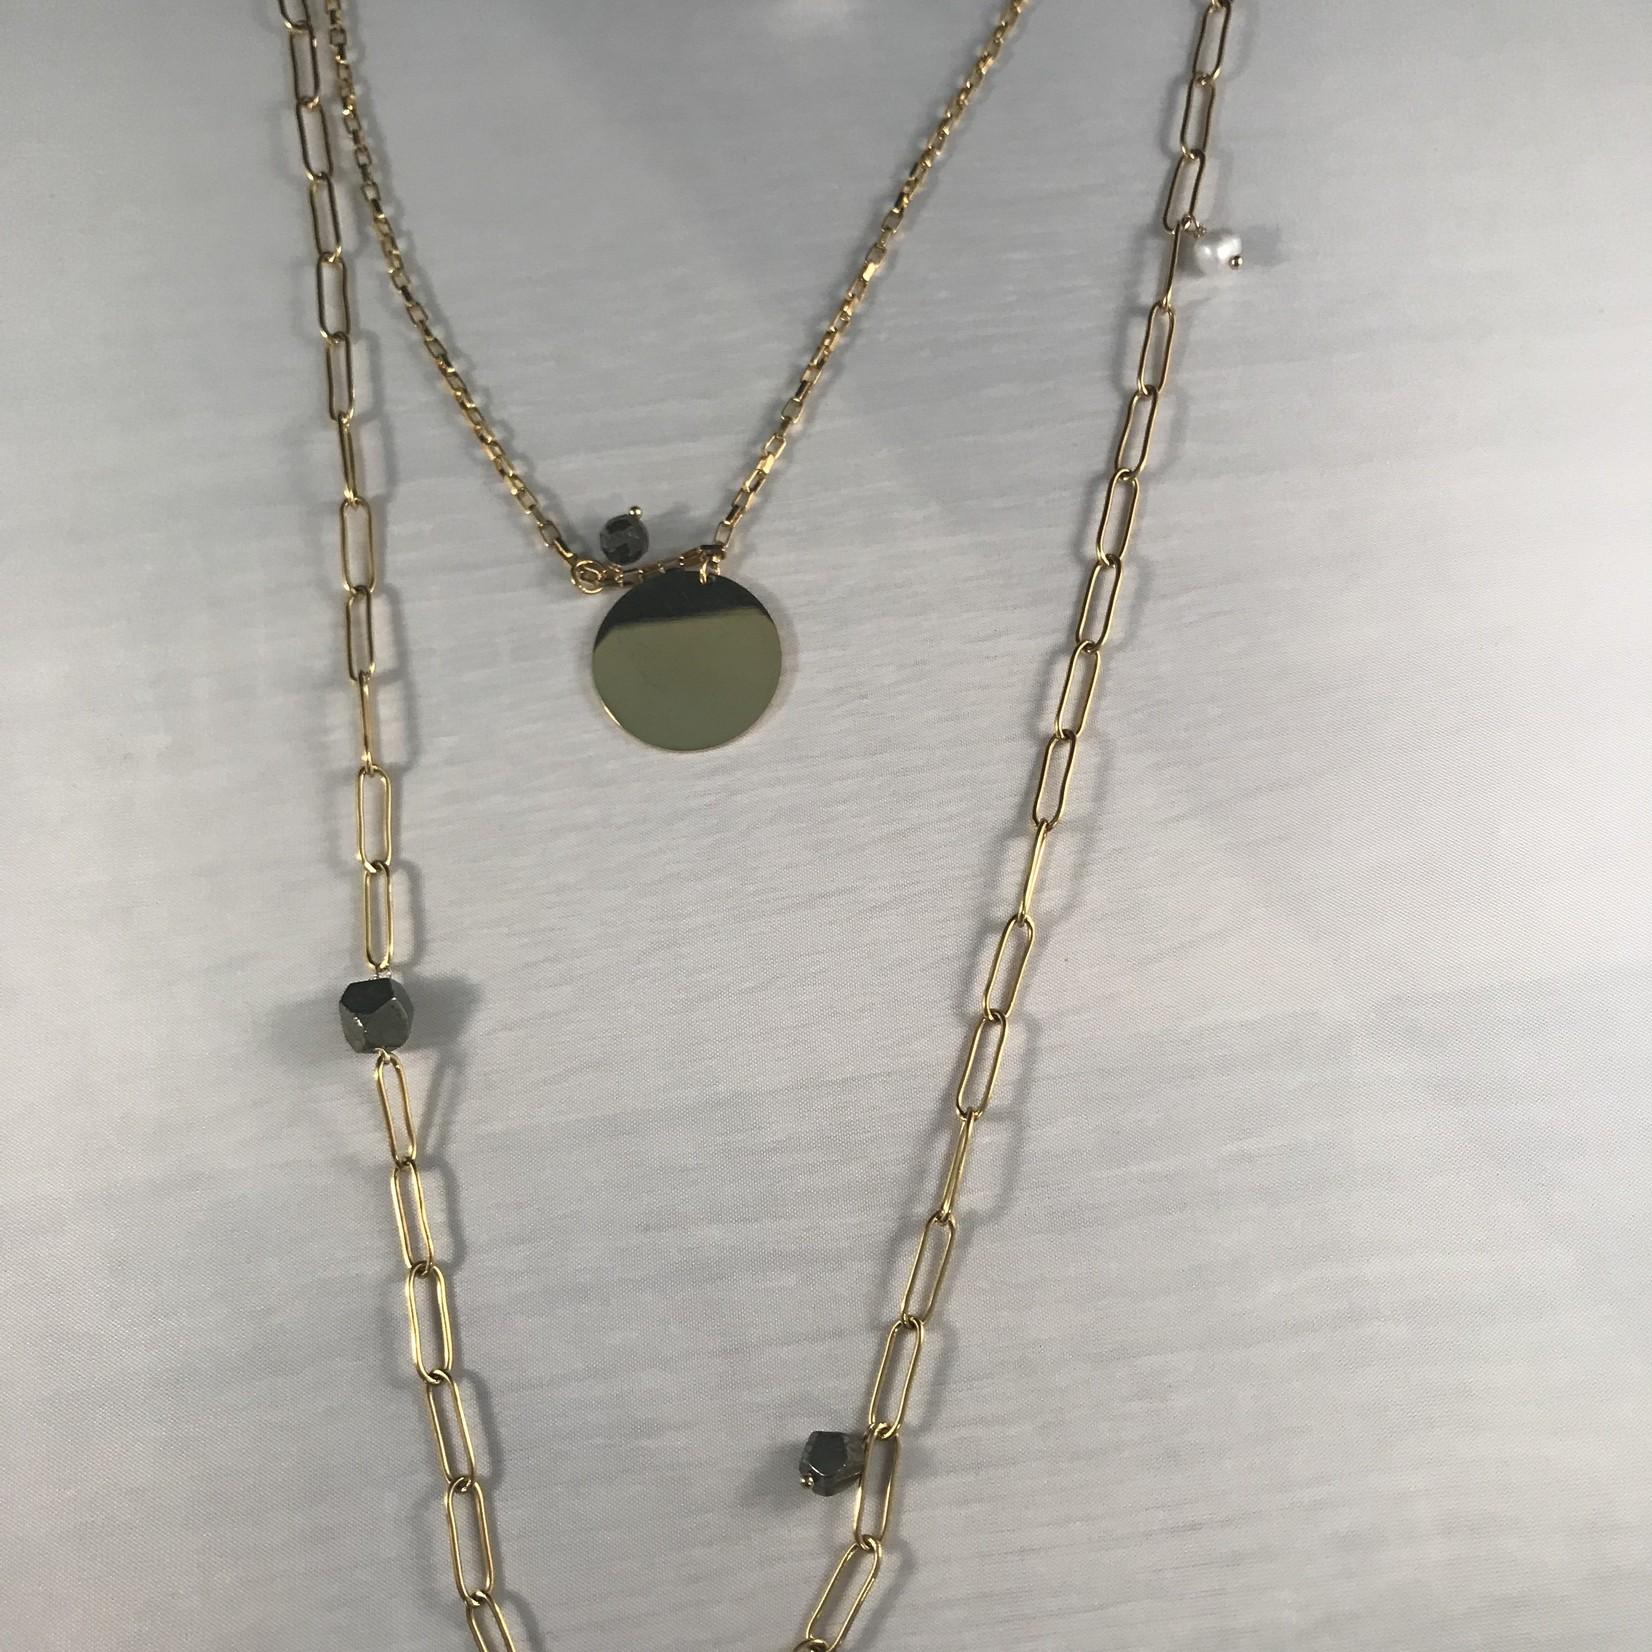 Axxes-Soir lange ketting - goudkleurig - 3 verschillende lagen